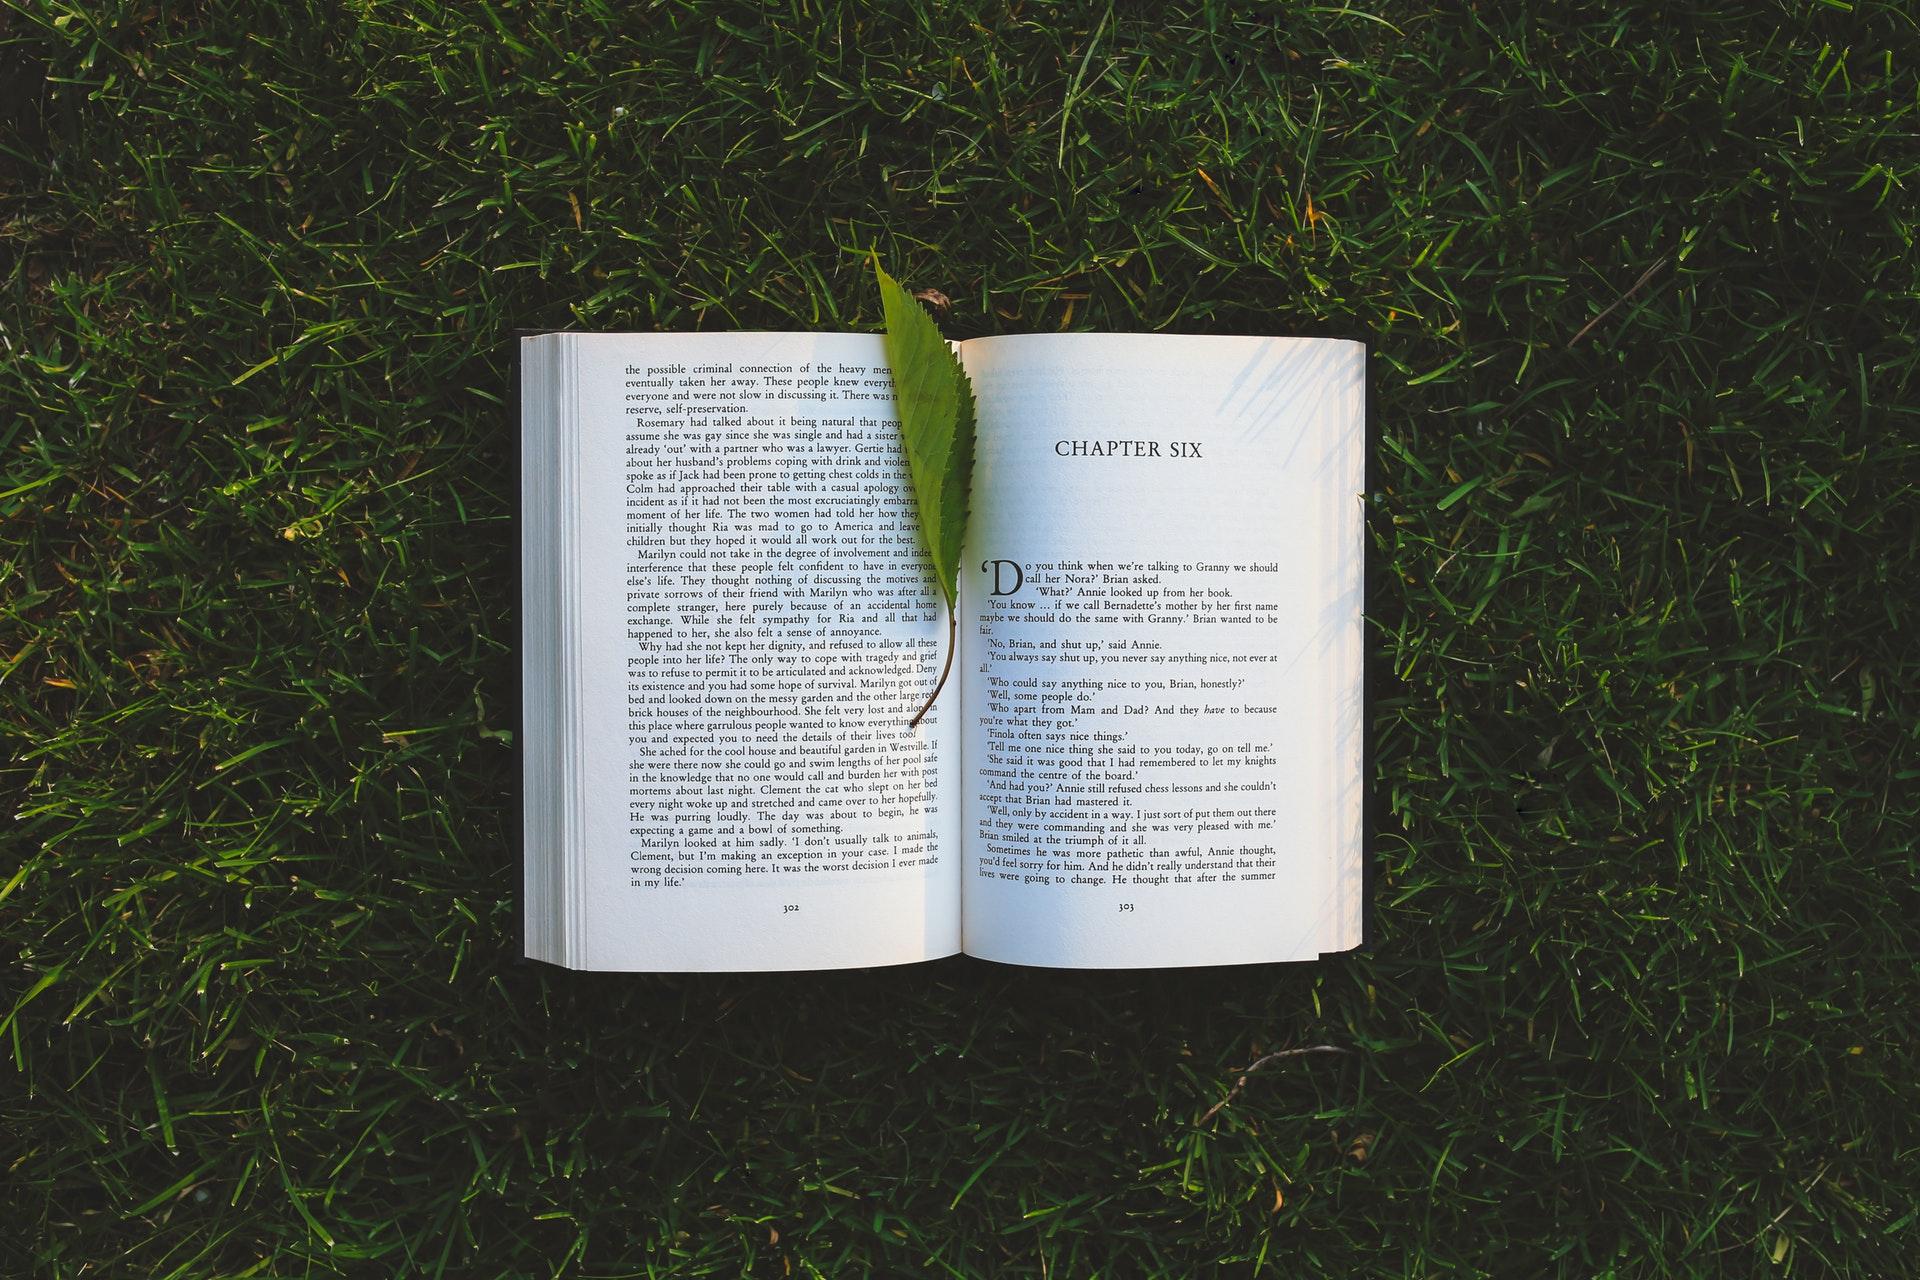 芝生におかれた本